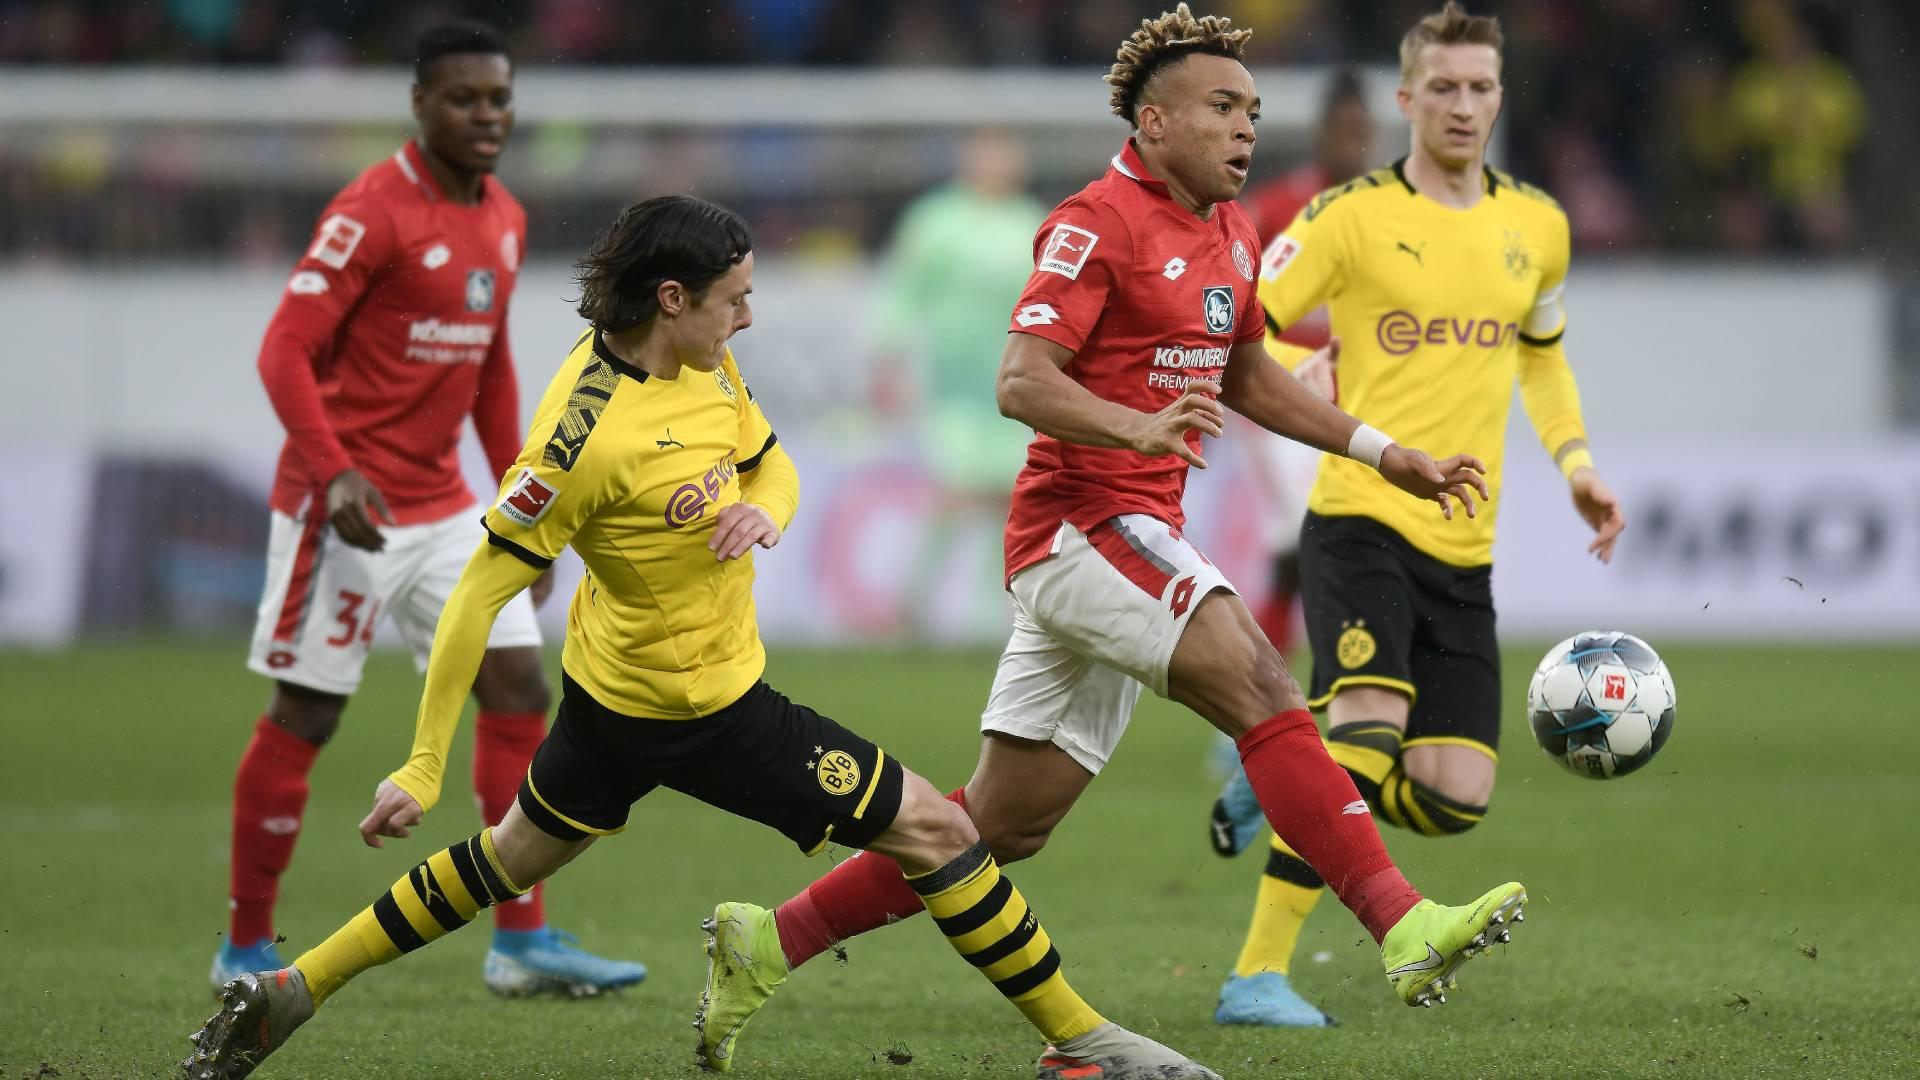 Wird Das Spiel Dortmund Heute übertragen